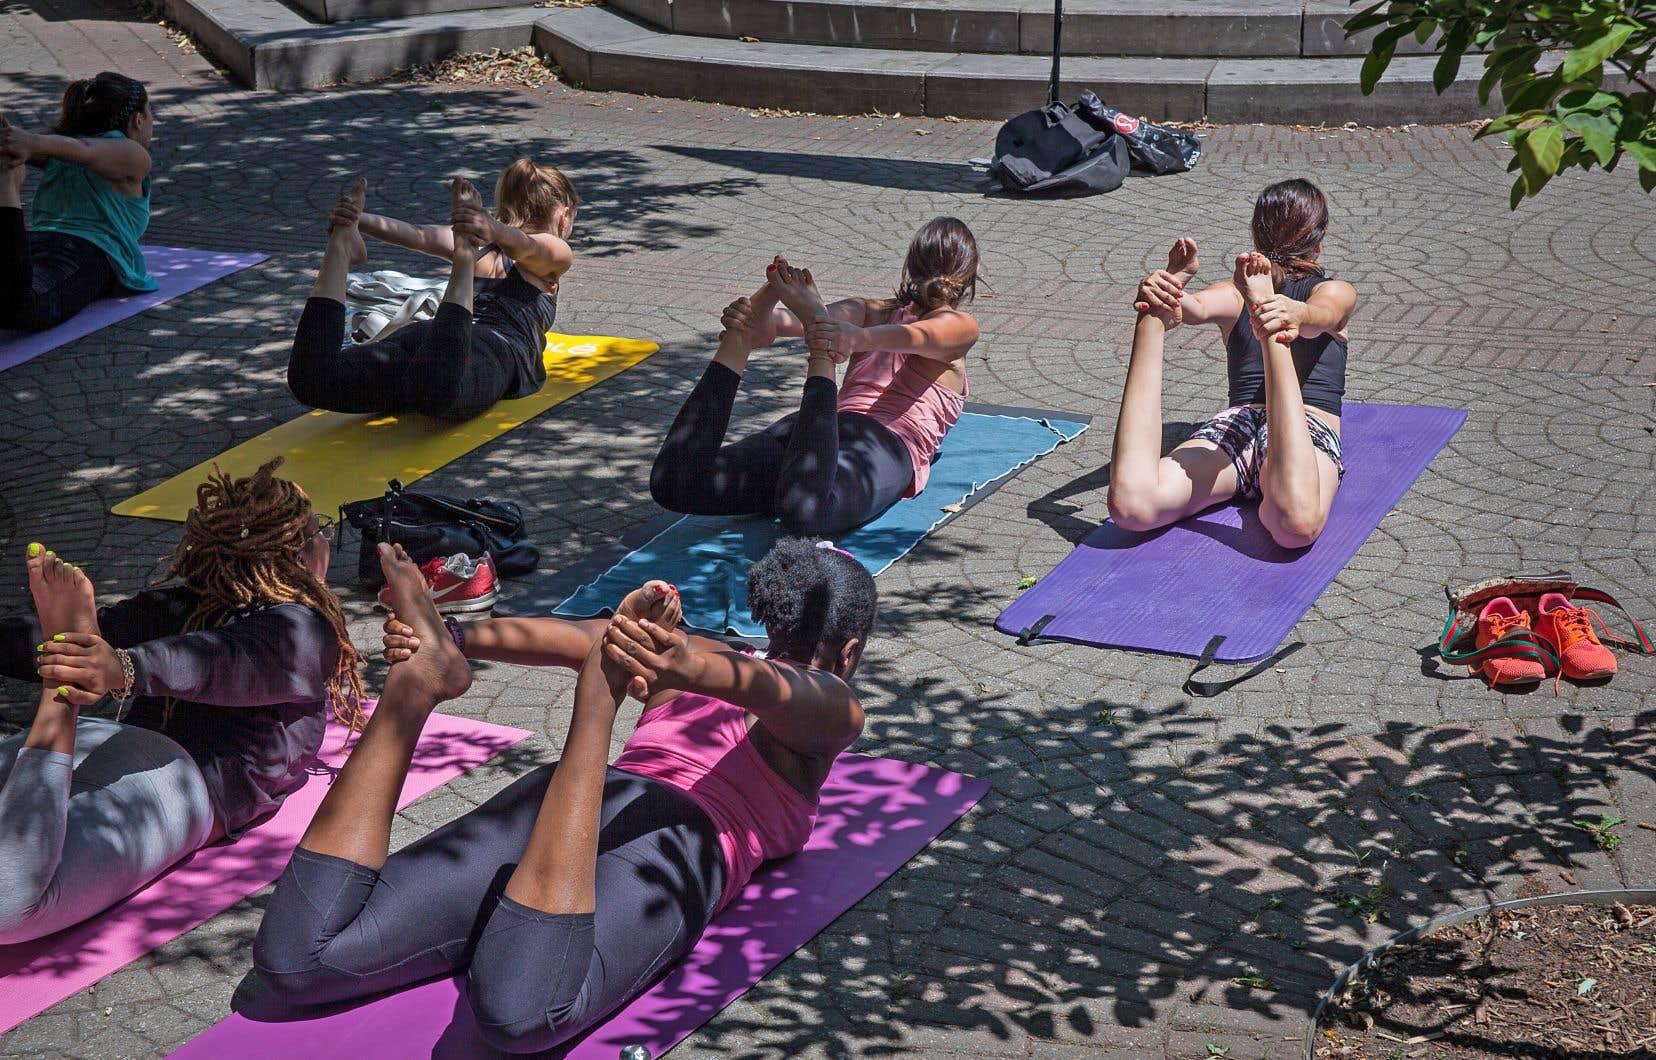 La «yogamania» n'épargne pas Montréal, où de nombreux adeptes profitent des températures clémentes pour suivre des cours de groupe à l'extérieur.